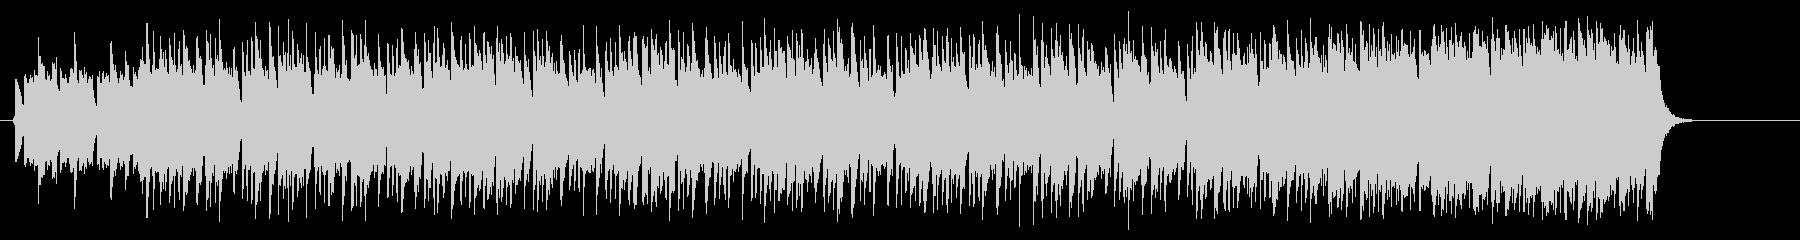 スパニッシュギターのマイナー風ポップの未再生の波形